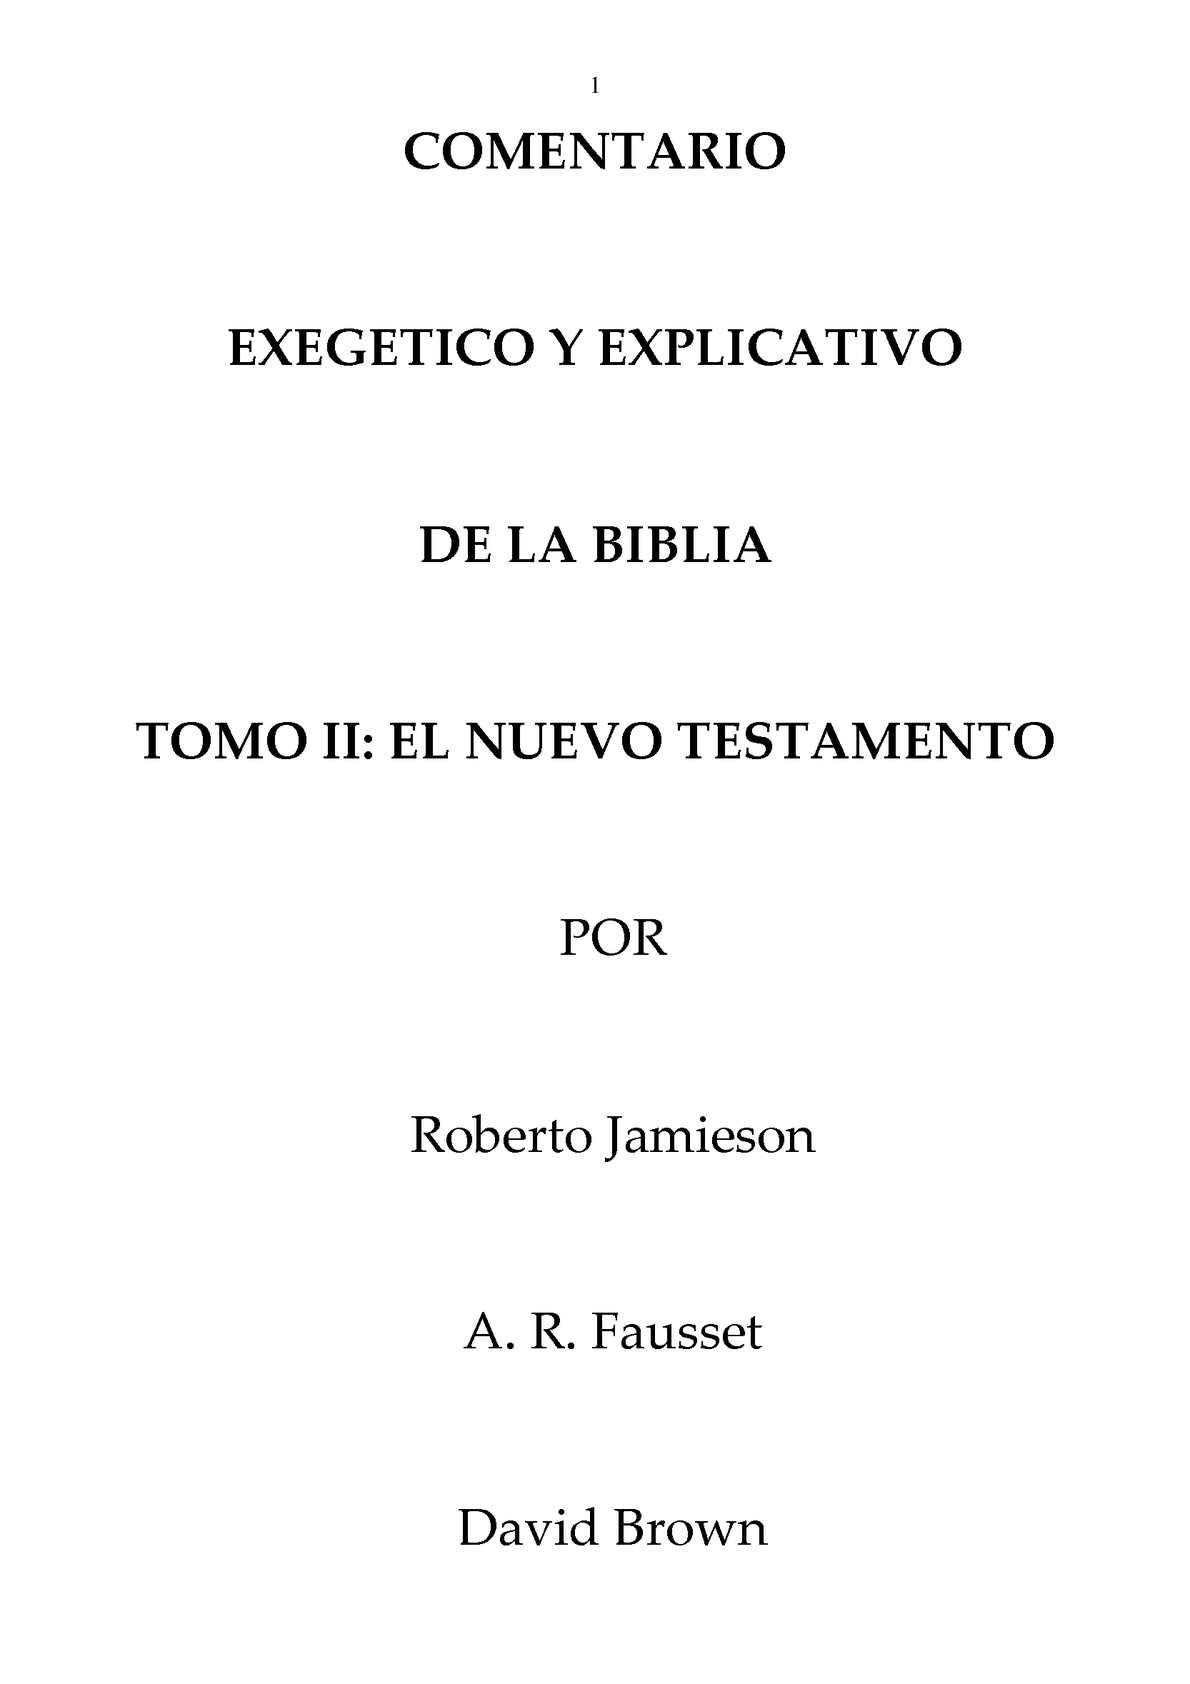 Calaméo - Comentario exegético y explicativo de la Biblia Tomo 2 ...